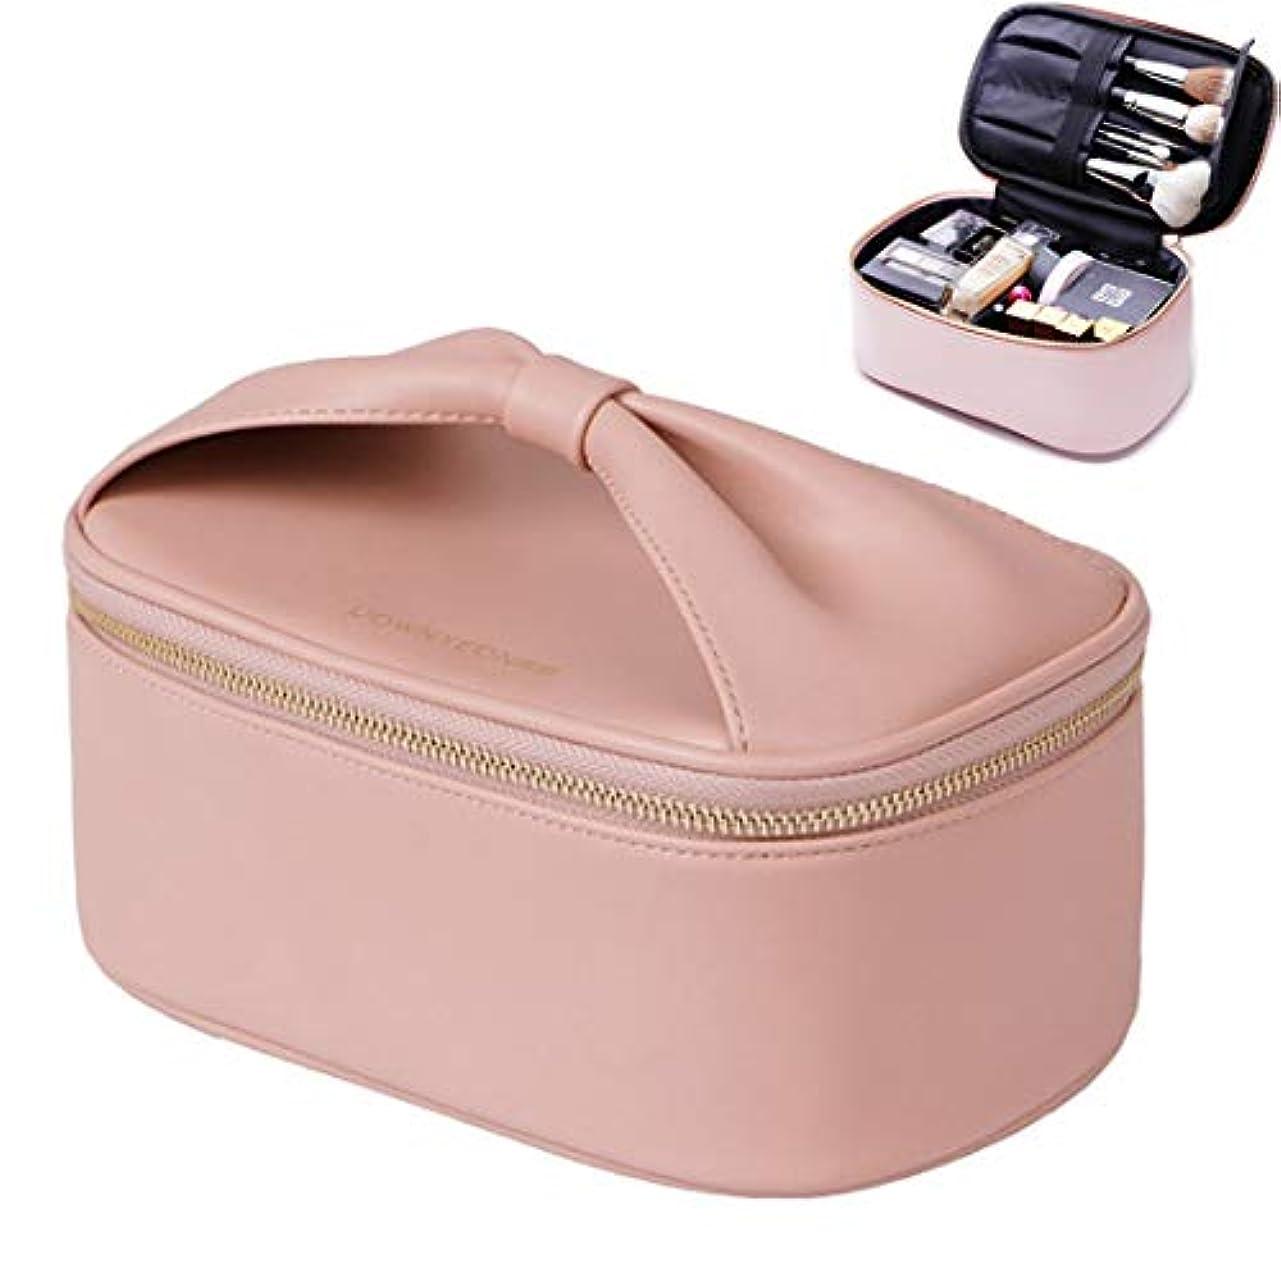 そっとなす満足できるRownyeon化粧ポーチ 大容量 バニティポーチ メイクポーチ コスメポーチ ブラシ入れ付き かわいい 化粧品収納 機能的 旅行 出張 人気